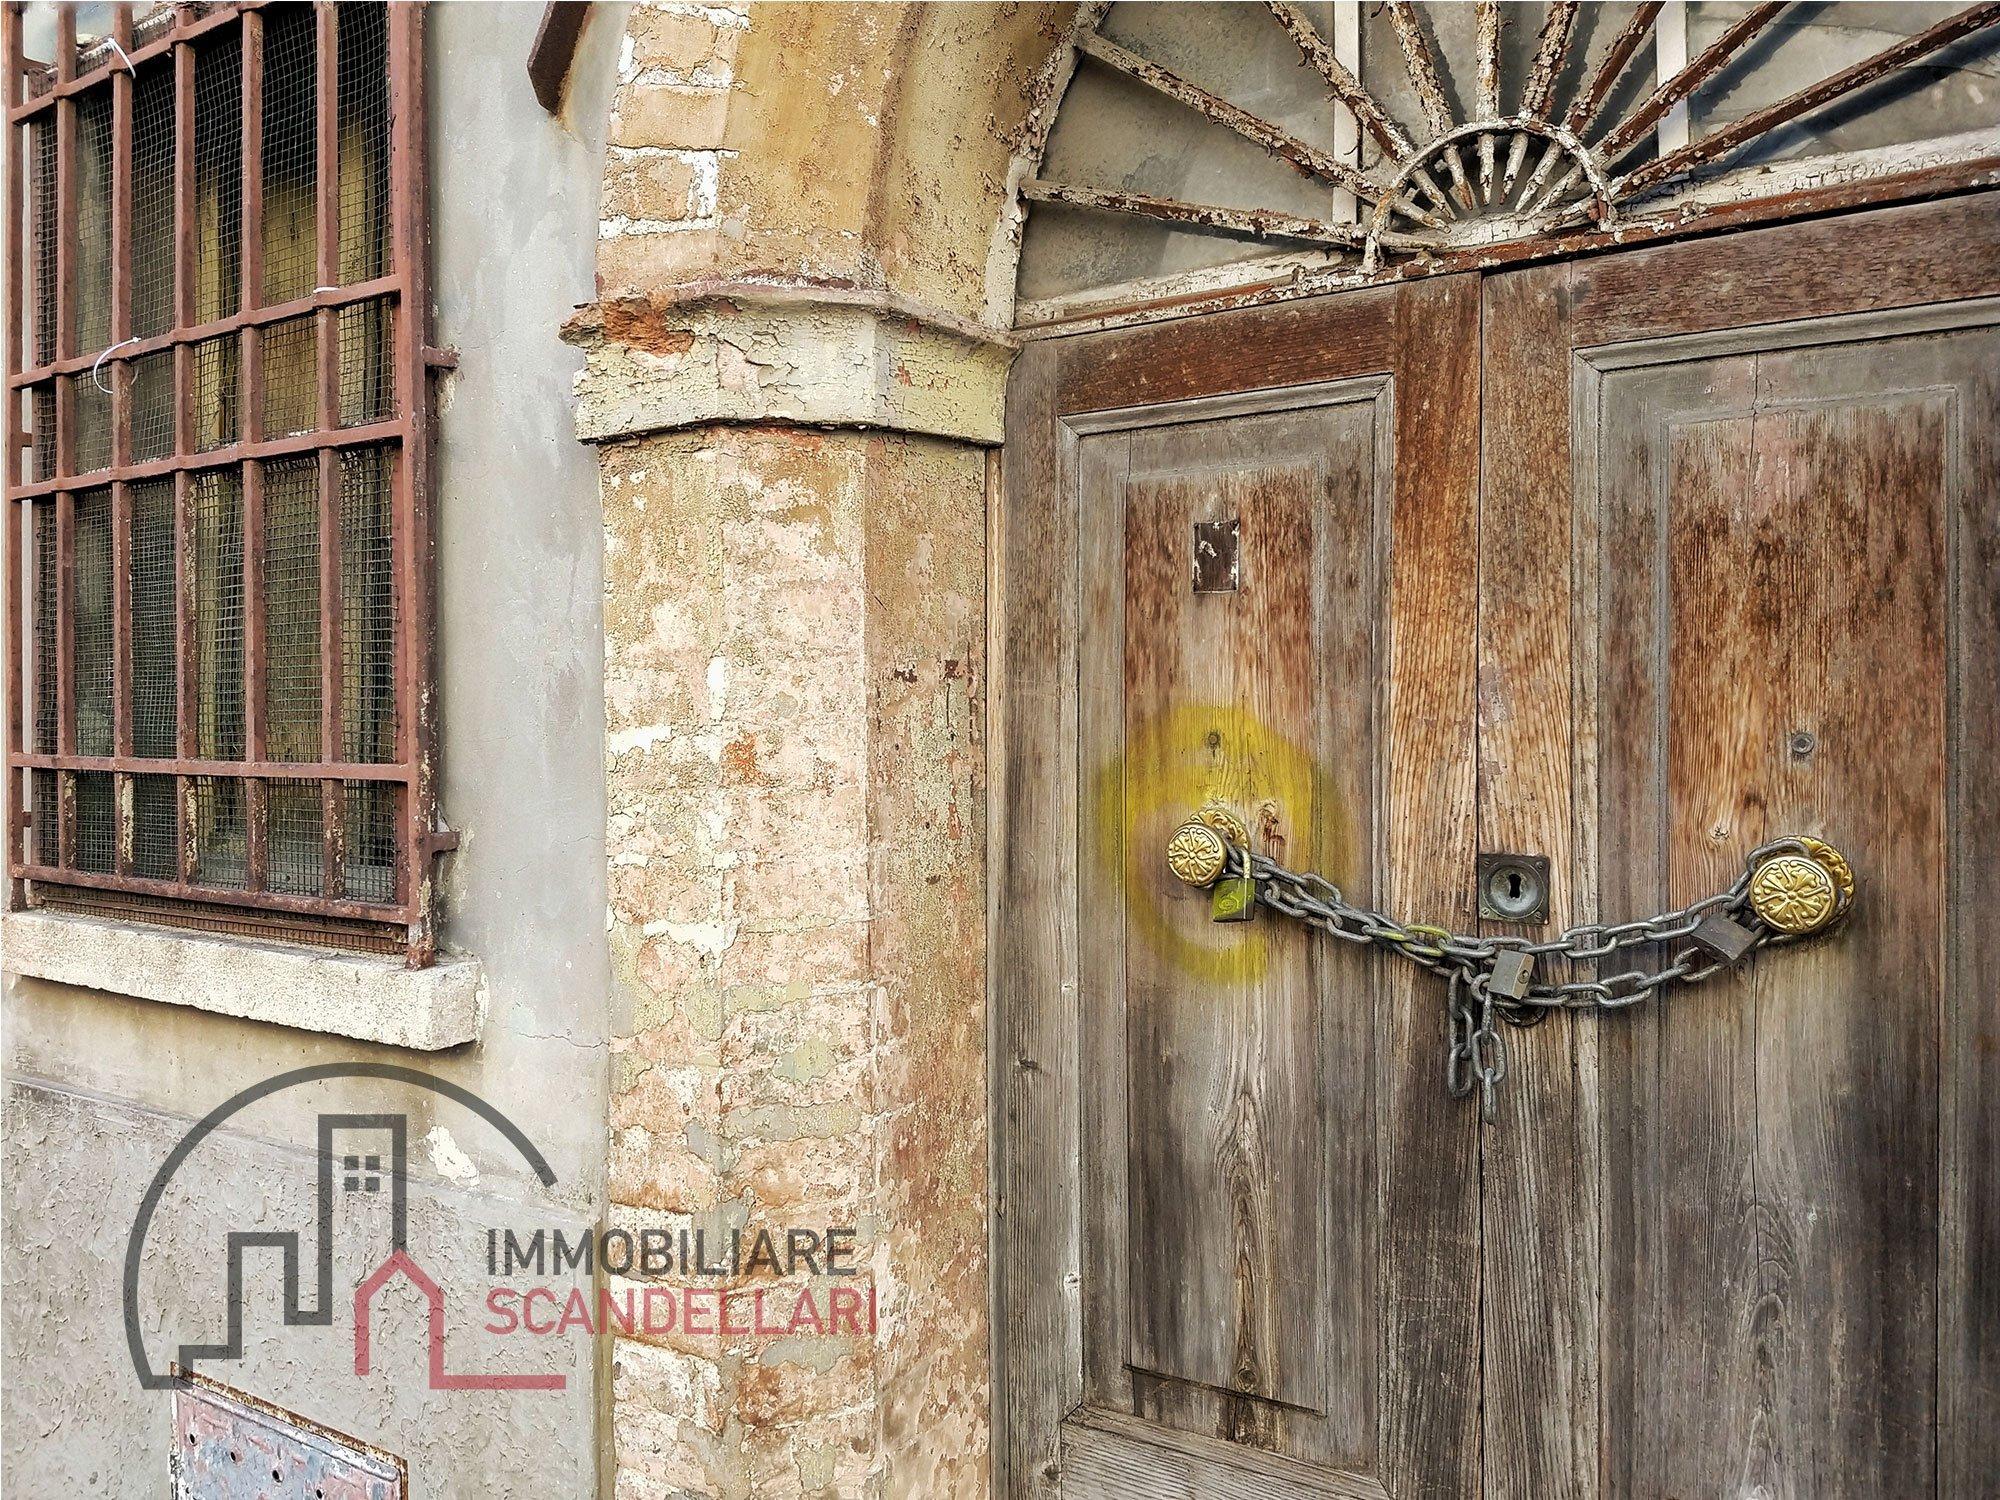 Rimini - Centro Storico - Casa da ristrutturare con giardino - Immobiliare Scandellari